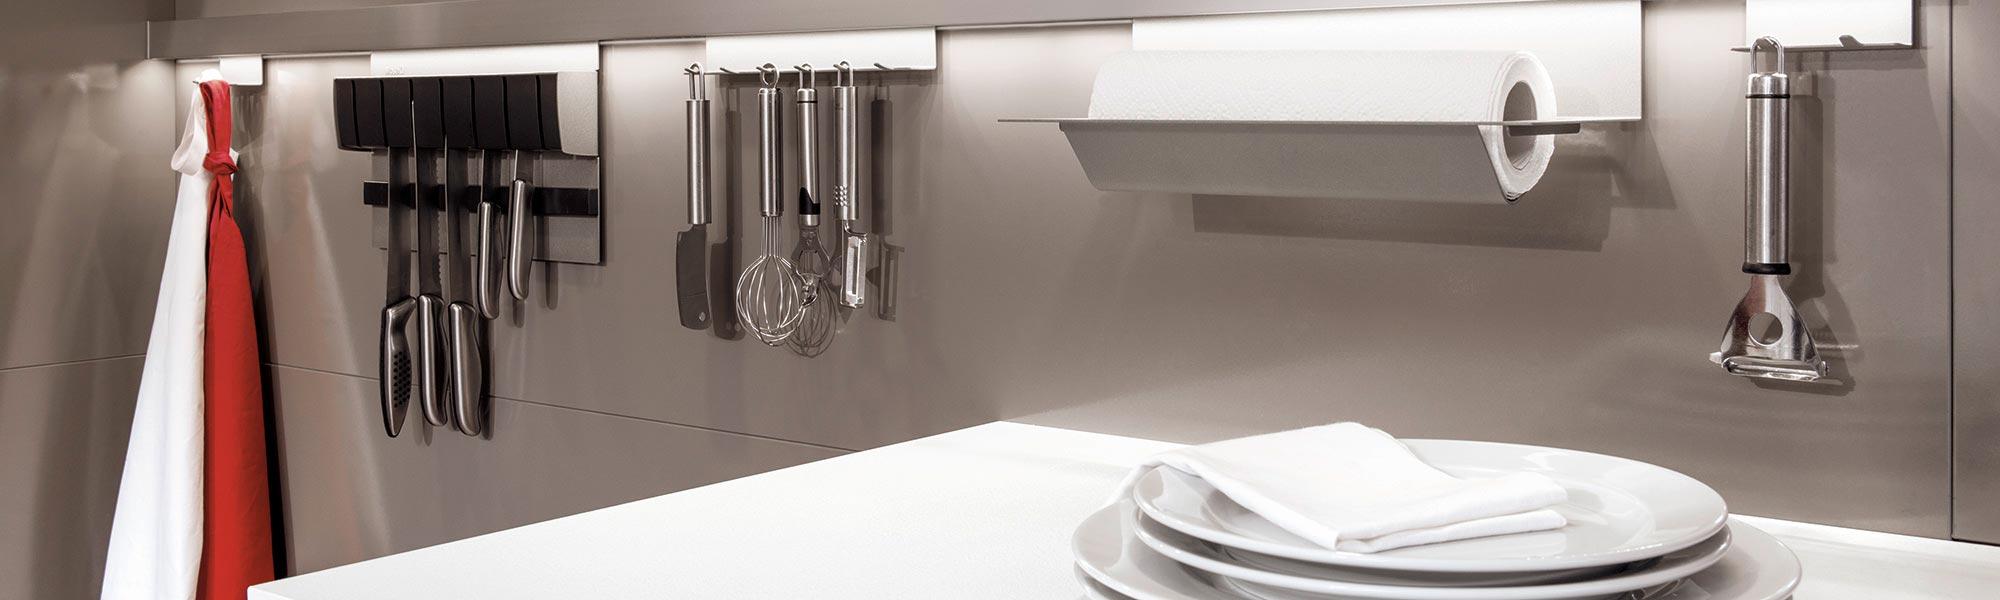 Full Size of Gewürze Schubladeneinsatz Buck Kchenstudio Gmbh Innen Ausstattung Küche Wohnzimmer Gewürze Schubladeneinsatz